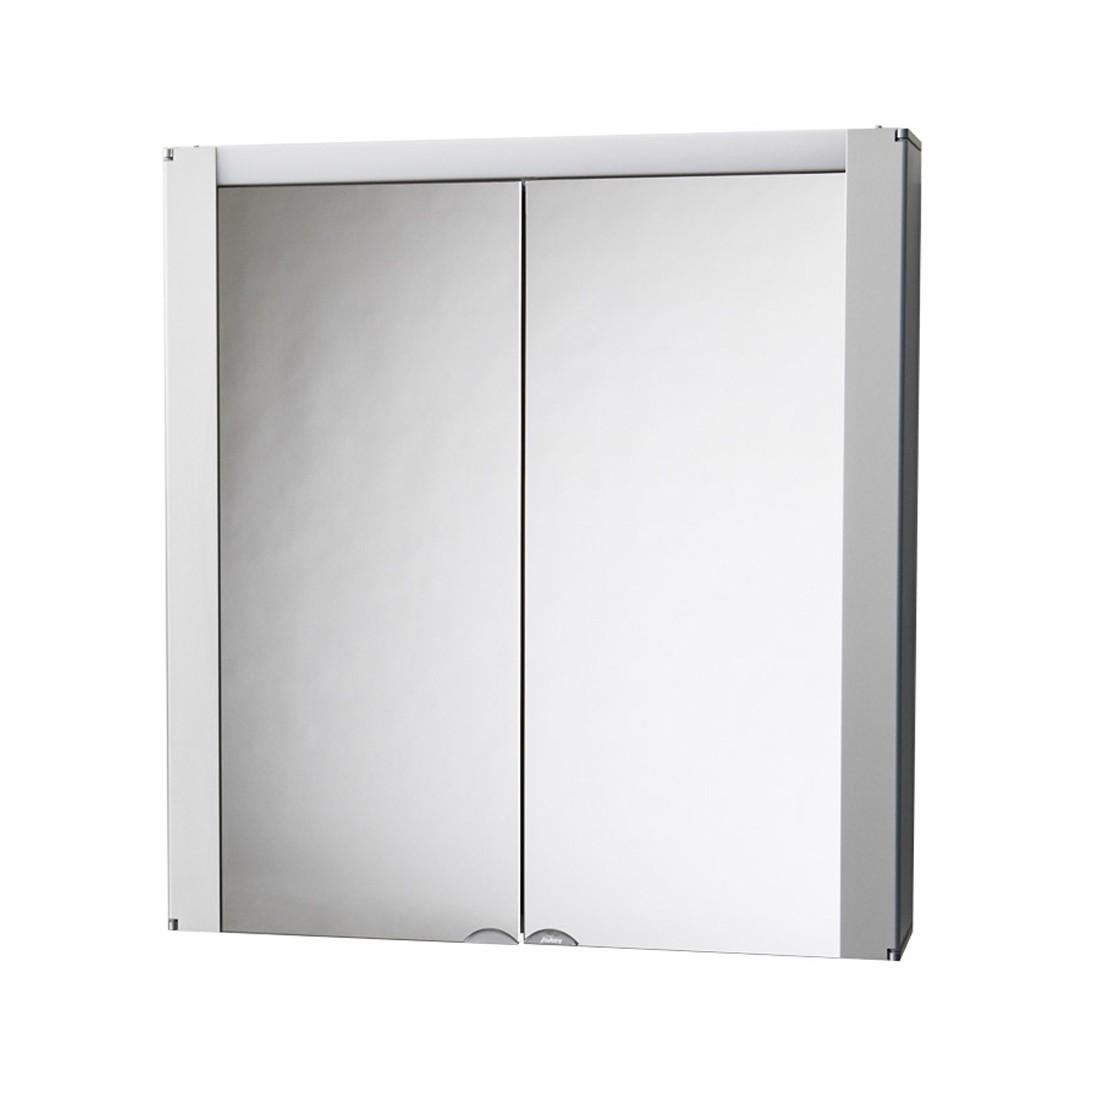 Spiegelschrank Tromsö (mit Beleuchtung) – Silber, Jokey günstig bestellen